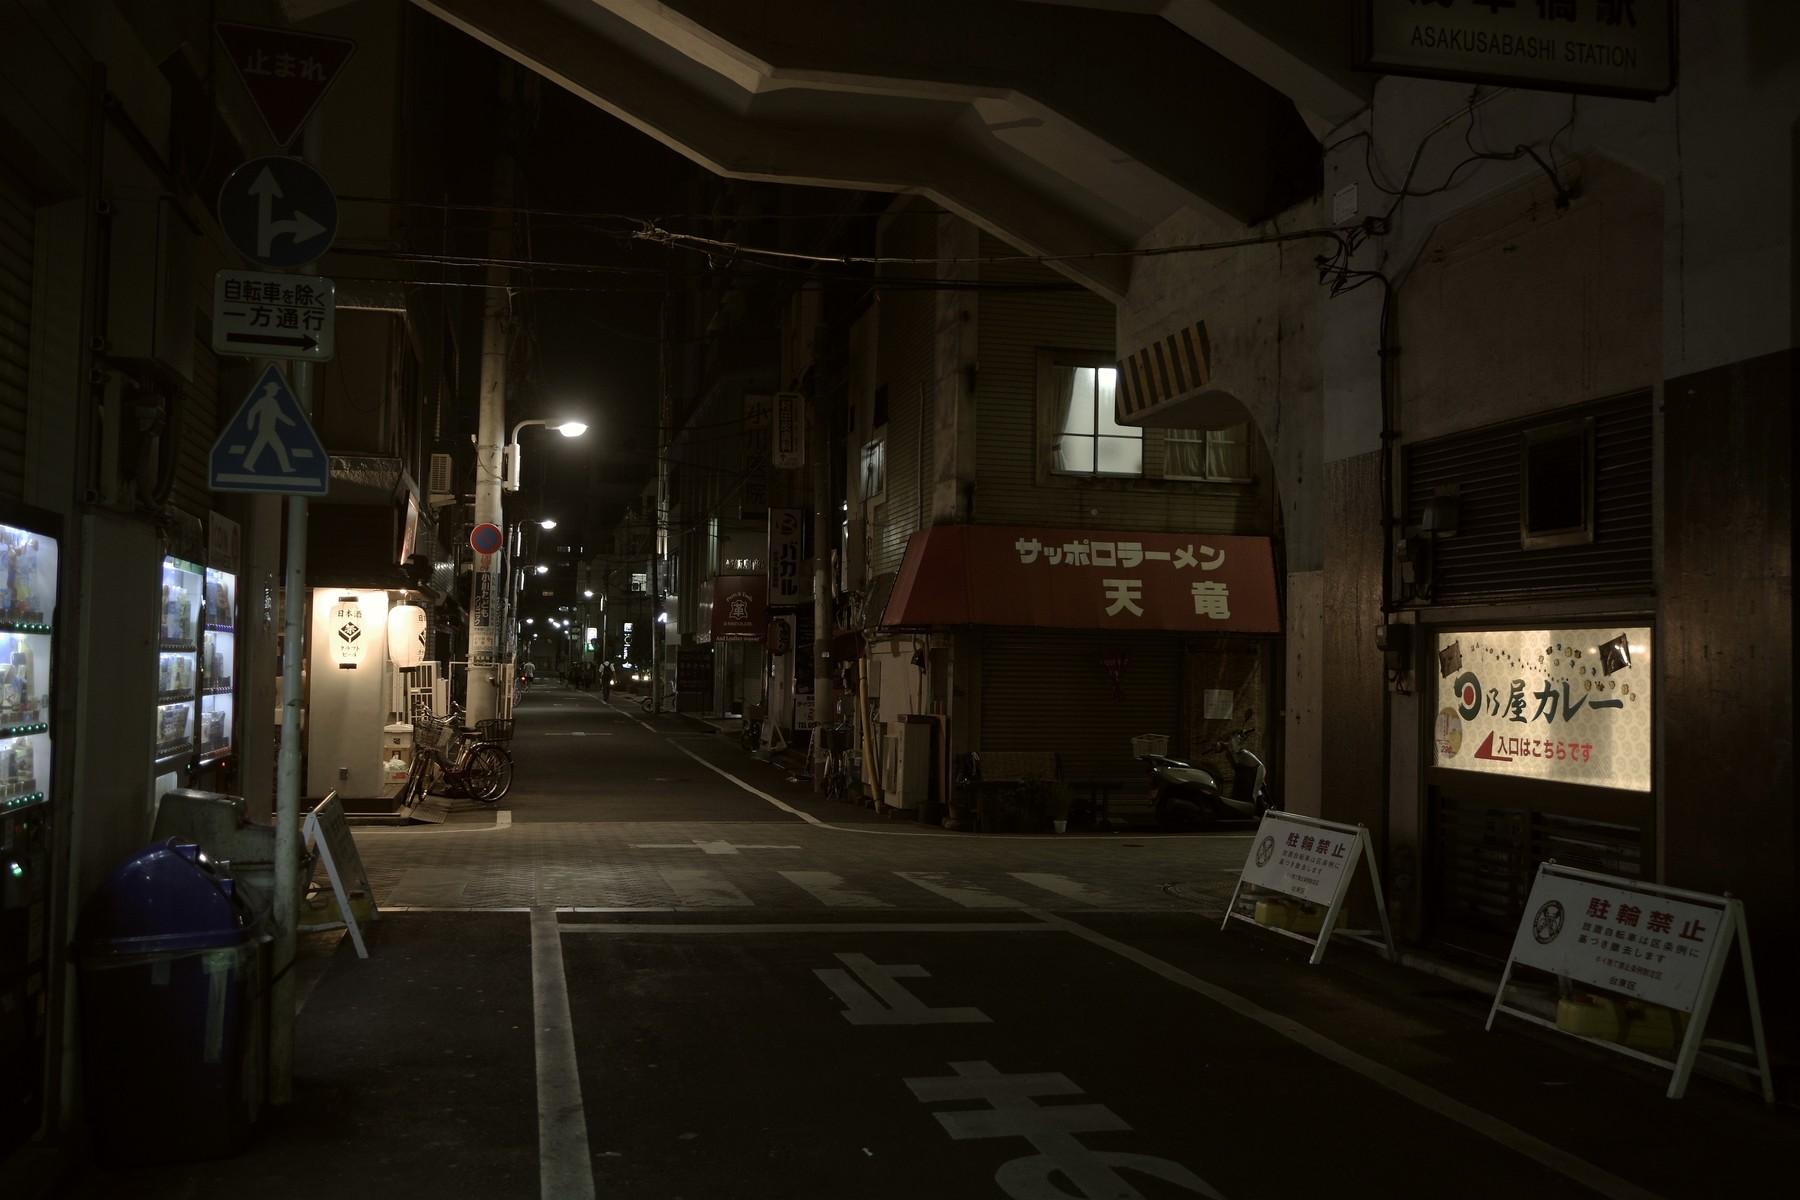 浅草橋駅前の高架下の作例写真